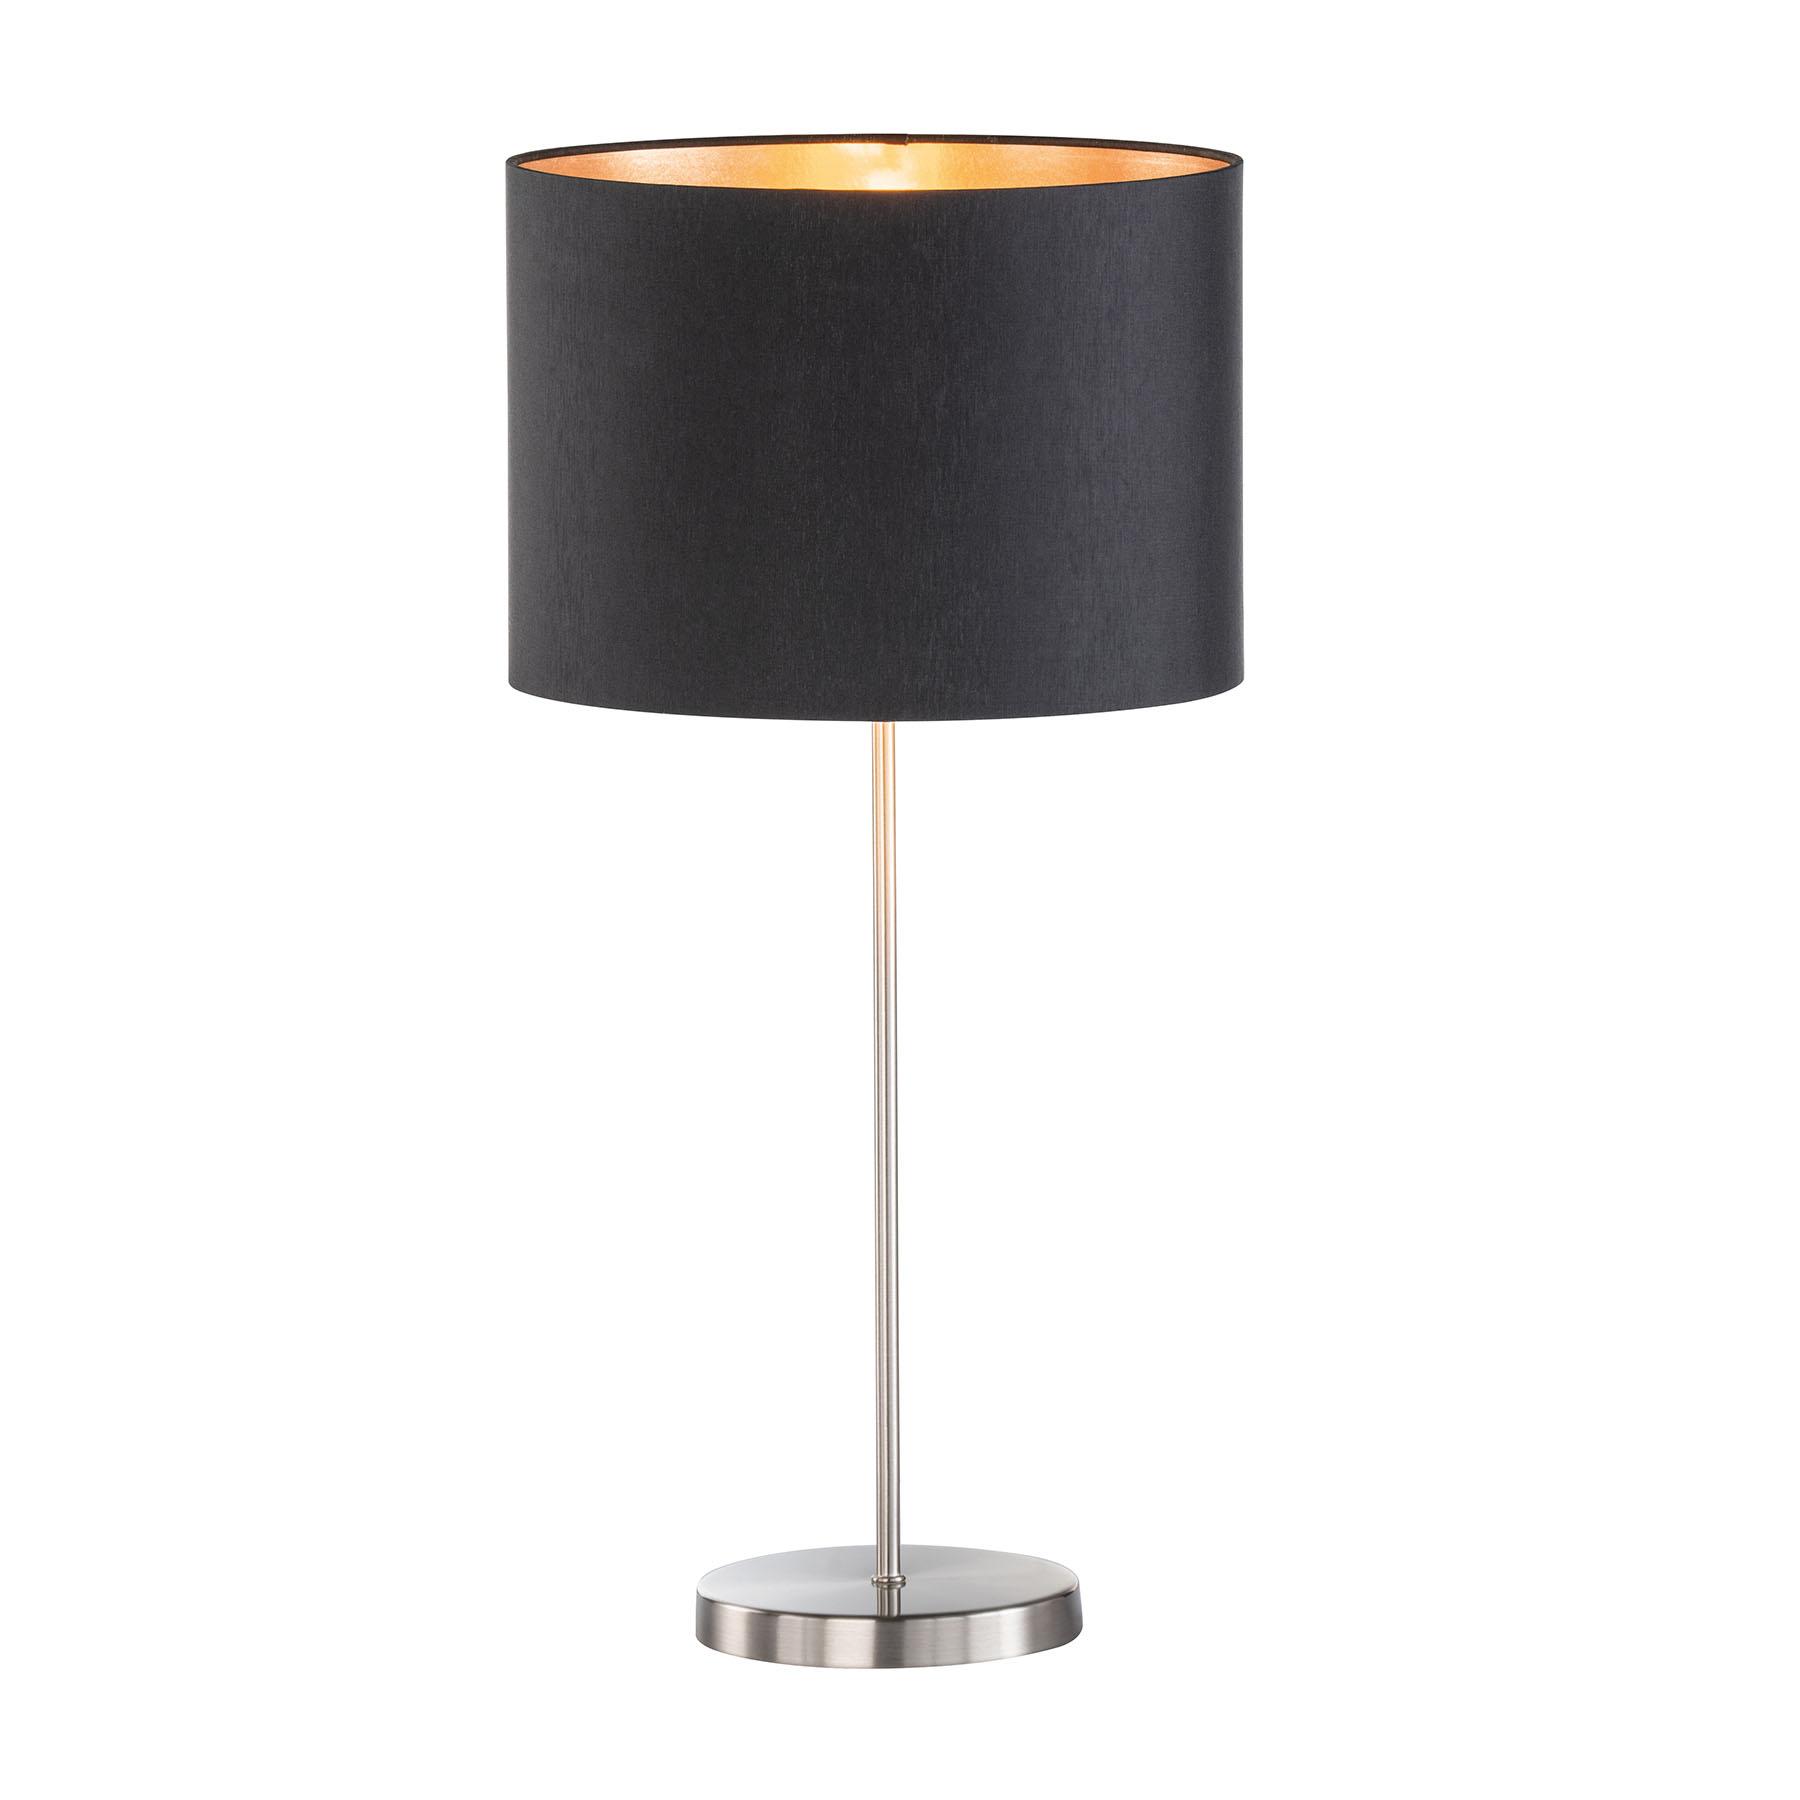 Tafellamp Loft met stoffen kap, zwart